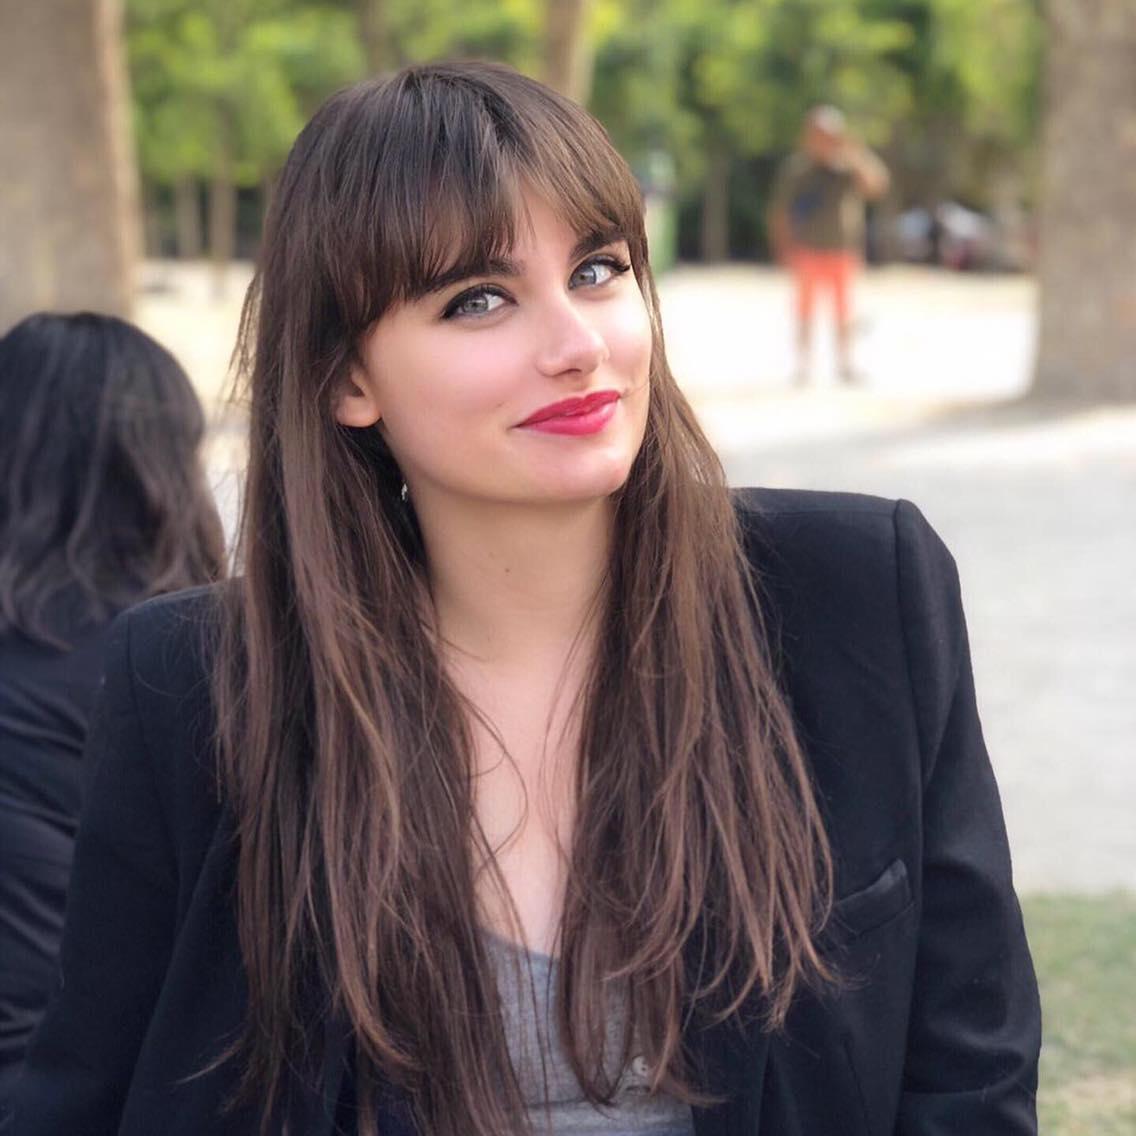 Victoire Panouillet